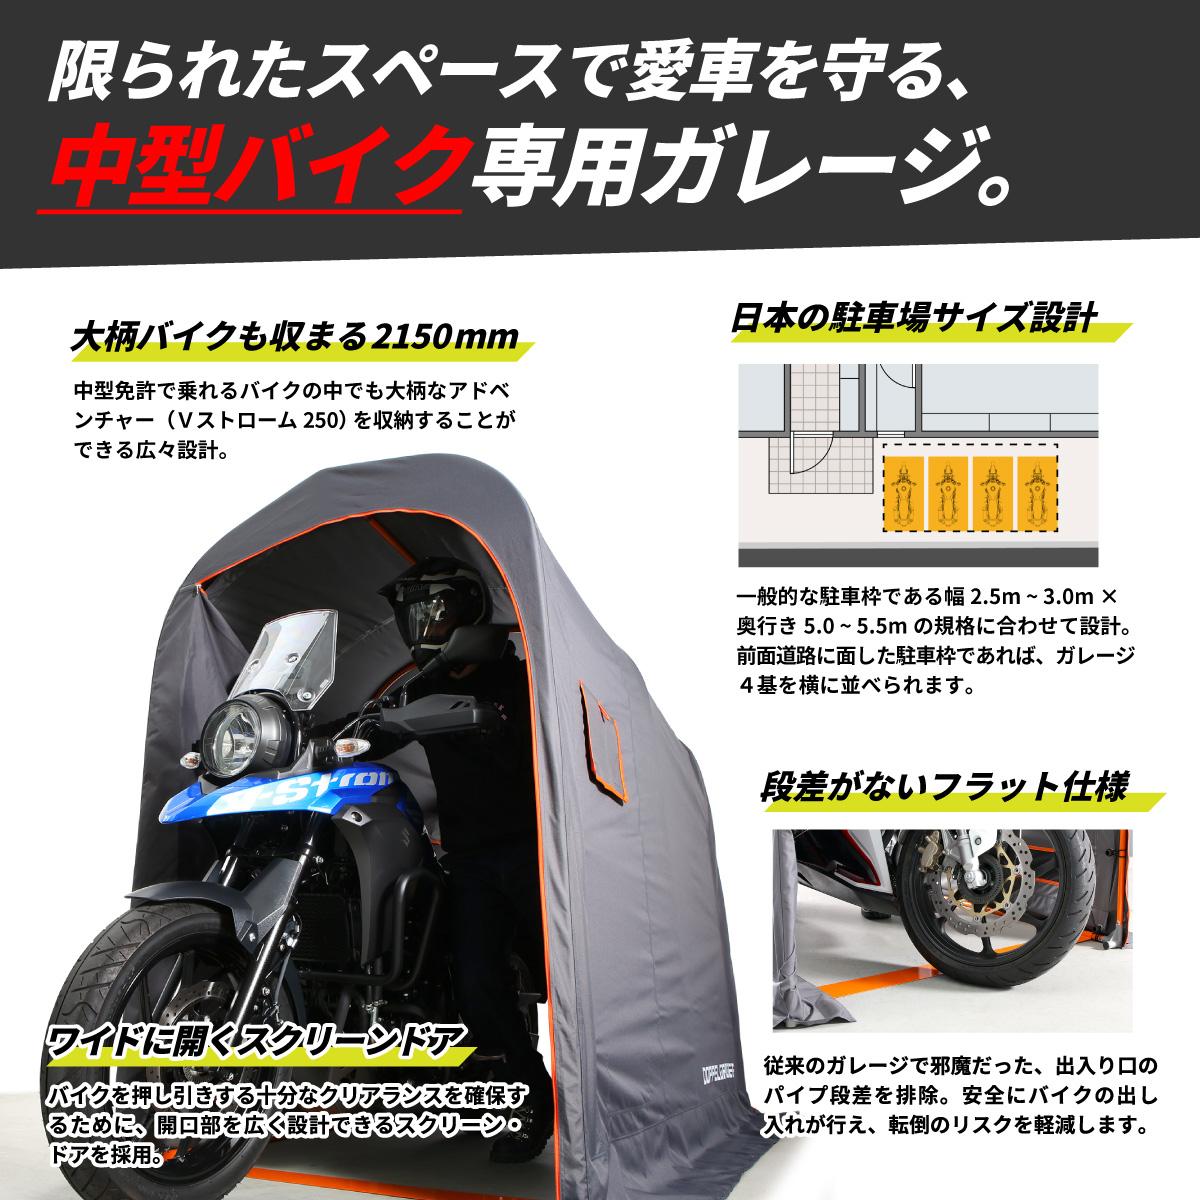 DCC539-GY バイクガレージ 2150 スリム 主な特徴画像